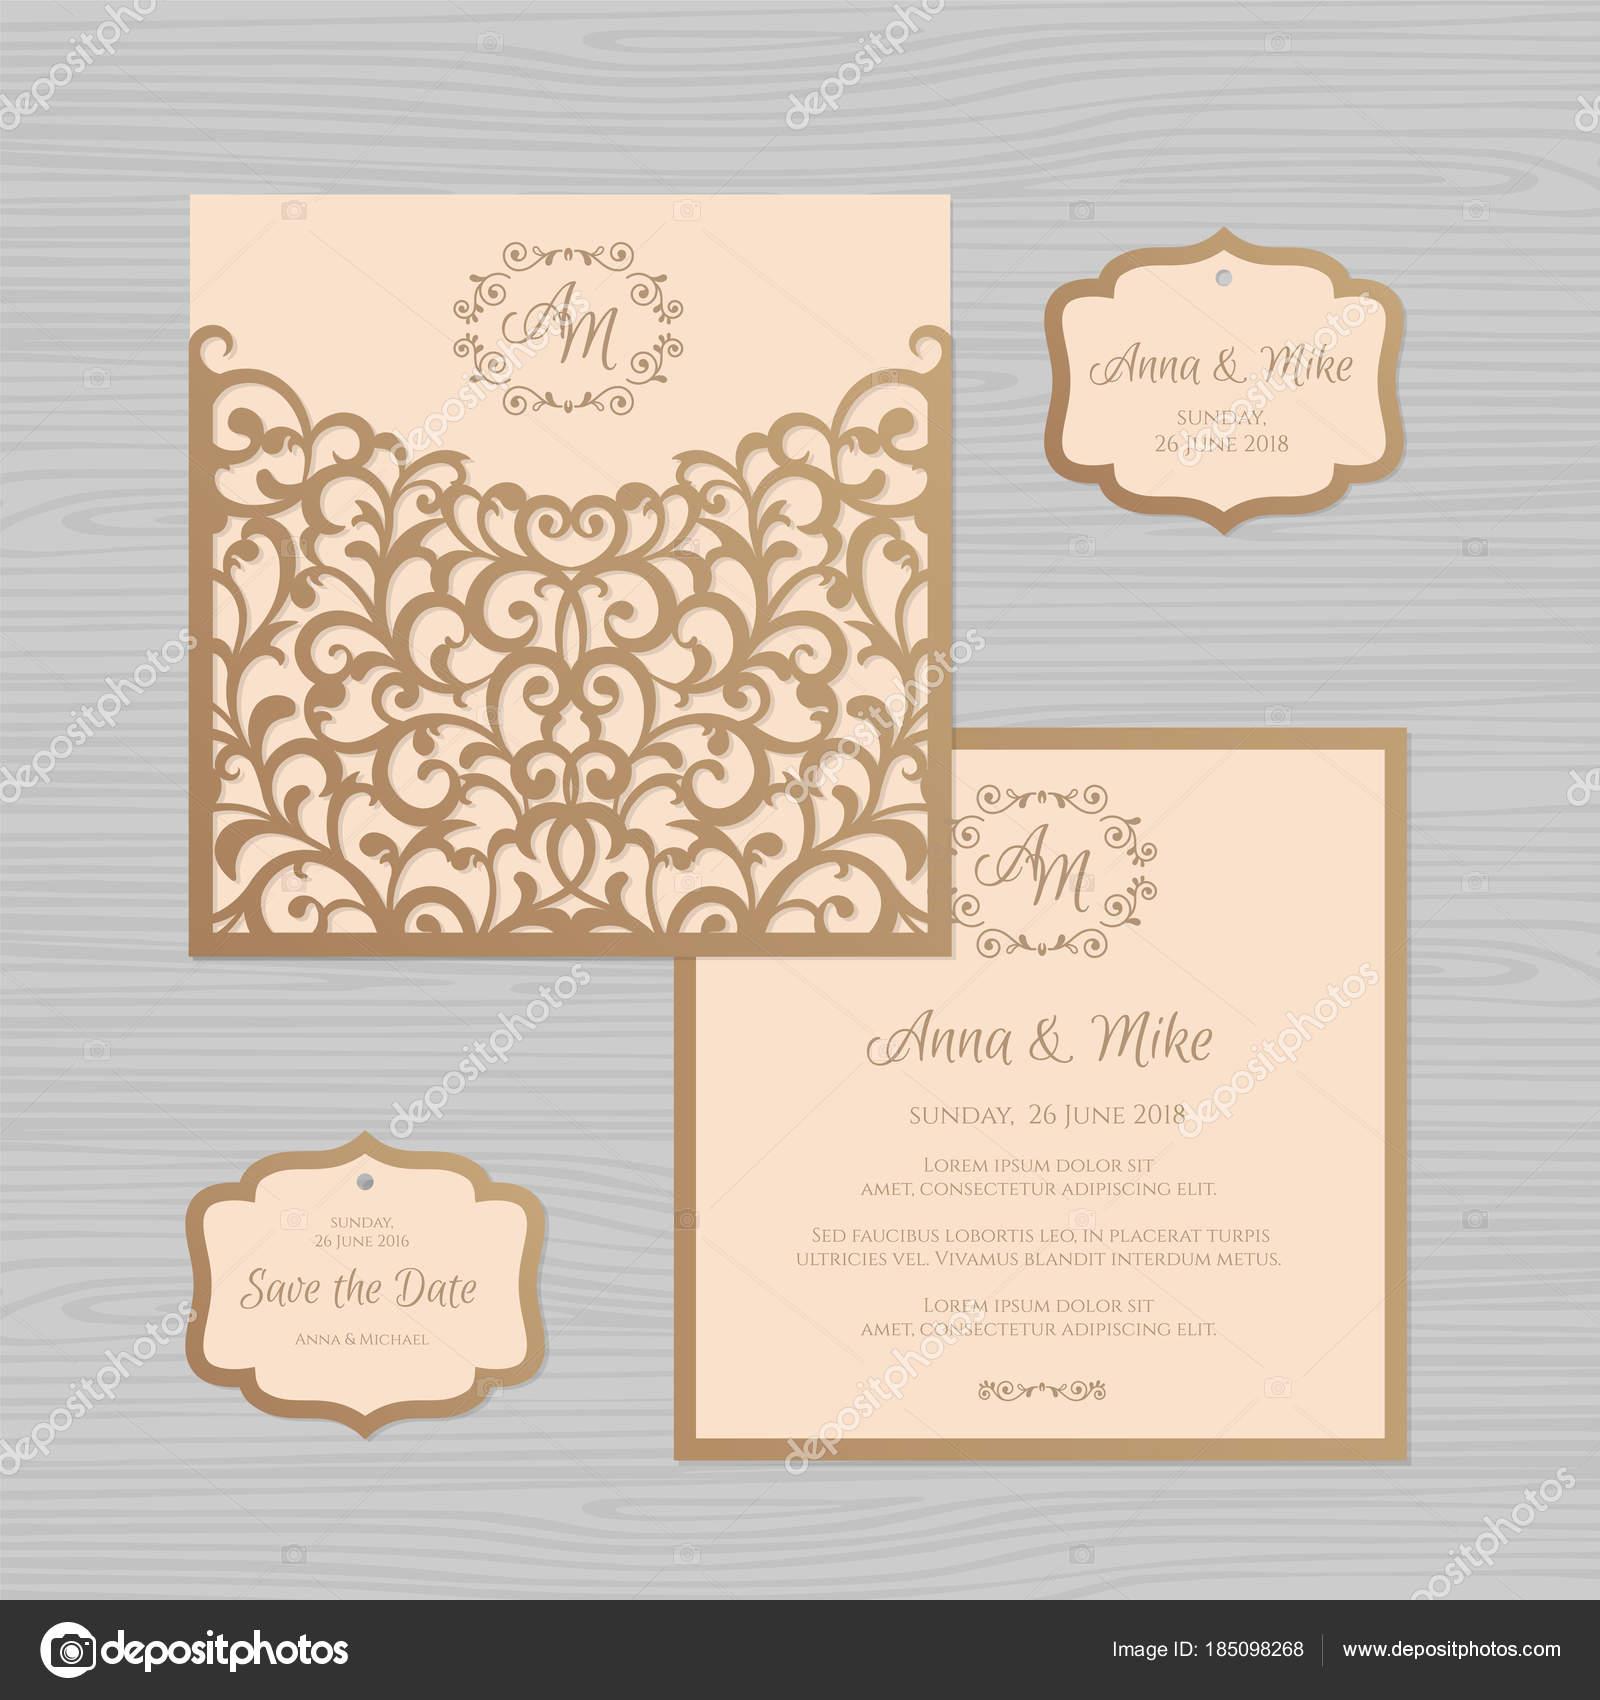 Hochzeitseinladung Oder Grußkarte Mit Vintage Ornament. Papierschablone  Spitze Umschlag. Hochzeit Einladung Umschlag Mock